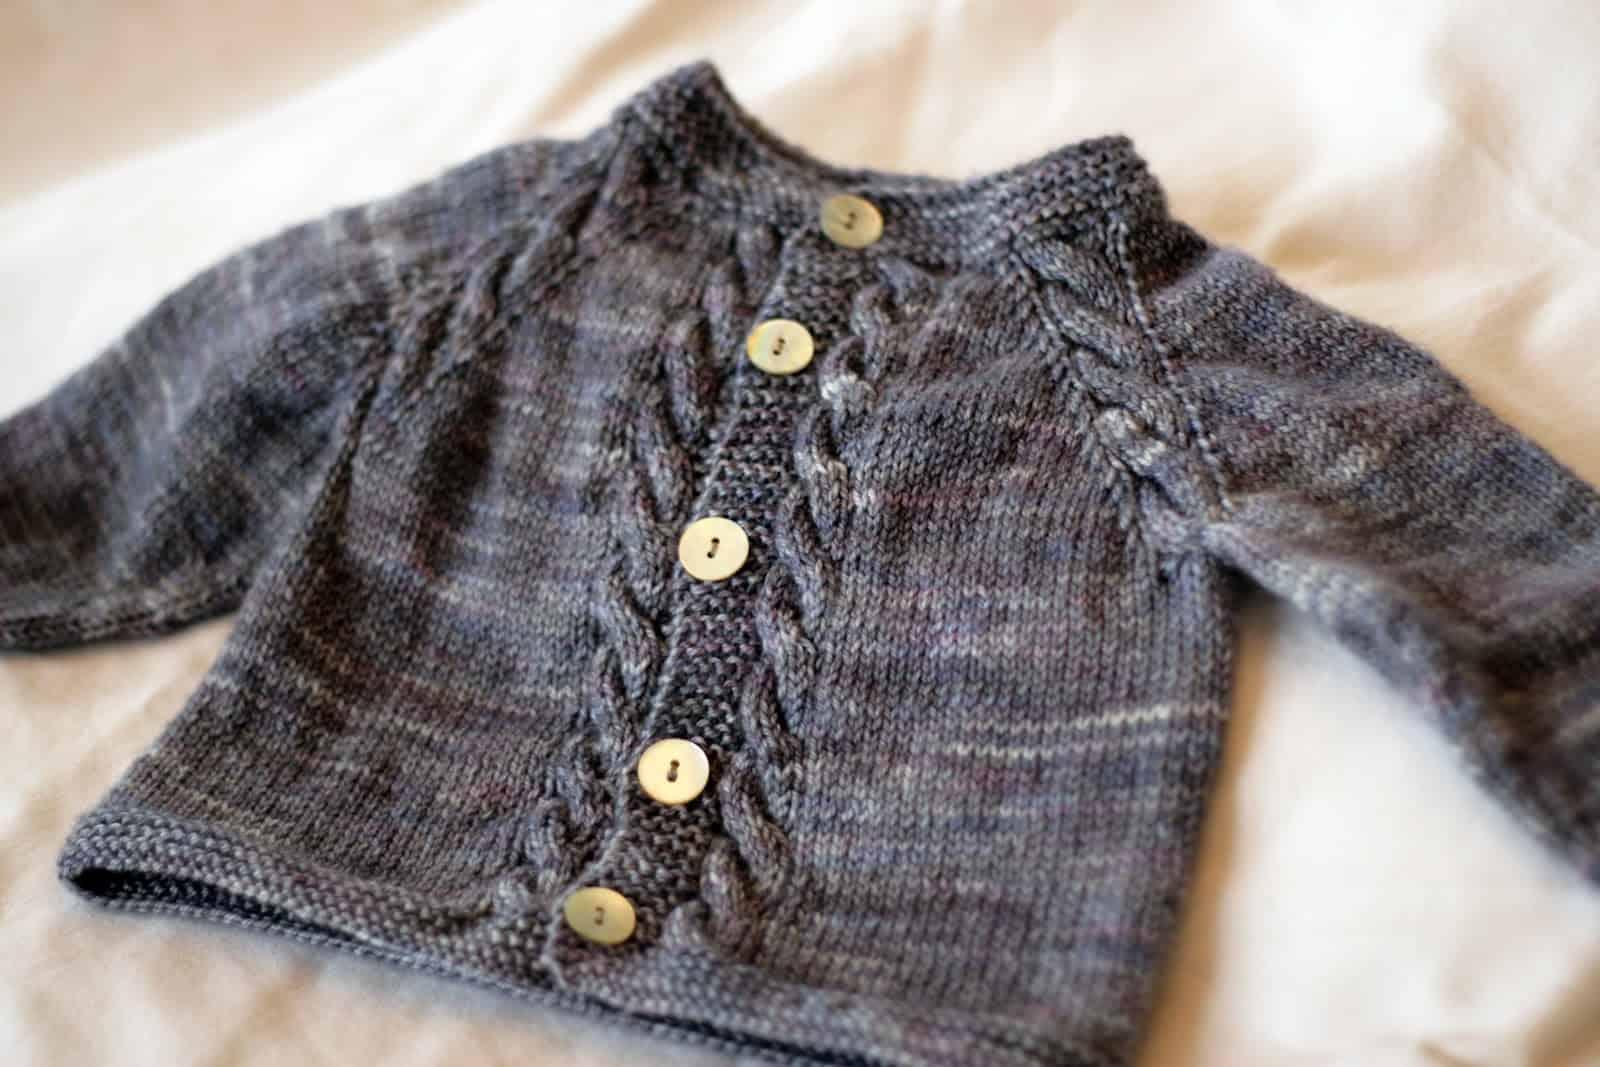 Cardigan bébé Sunnyside 15 magnifiques modèles de pulls tricotés pour bébé pour se préparer pour l'hiver